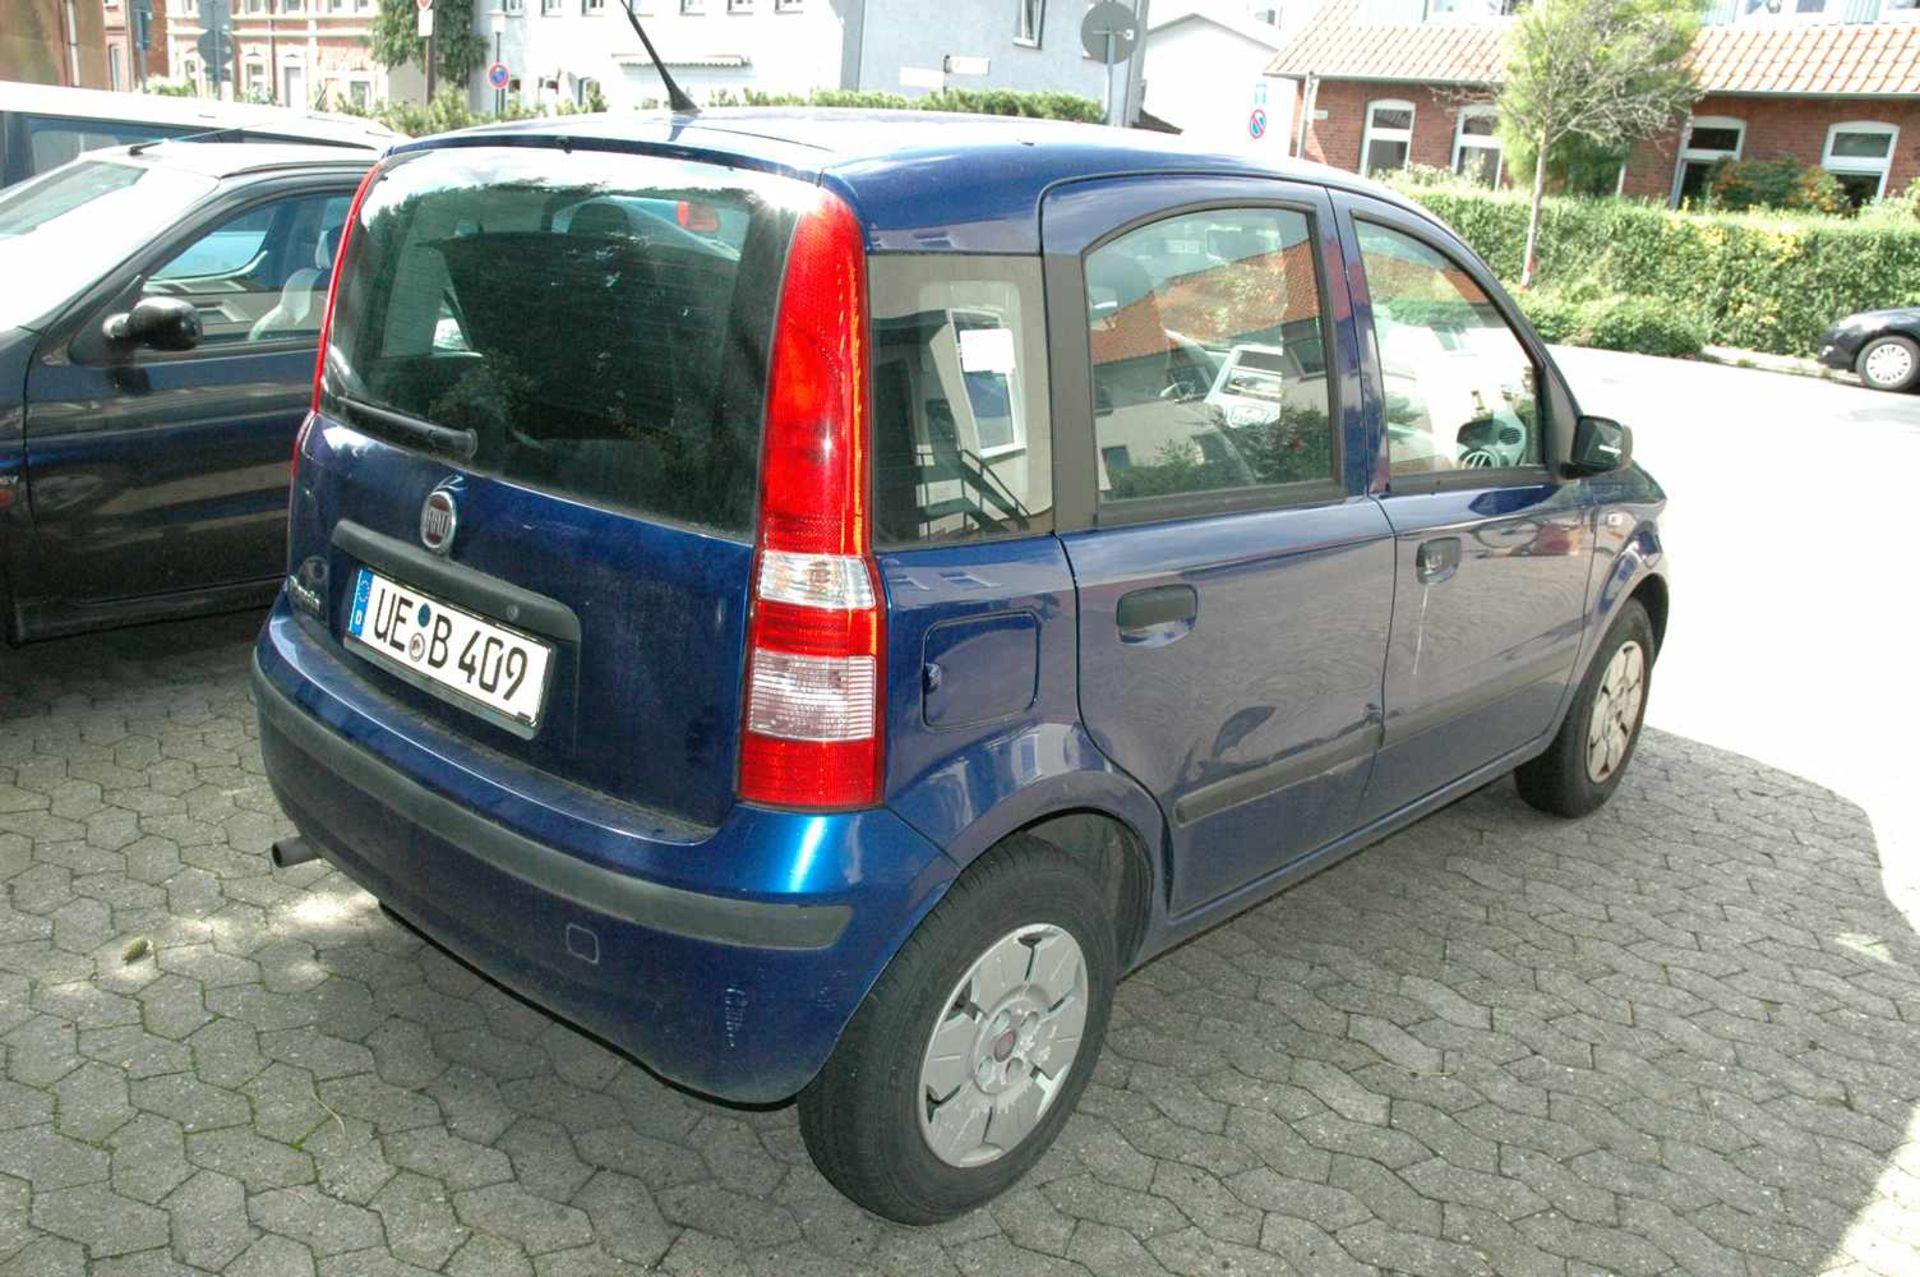 PKW, Fiat Panda, EZ 01.04.09, 40 kW, km-Stand: 130965m blau, TÜV 9/20, Benziner, Brief nicht - Bild 3 aus 9